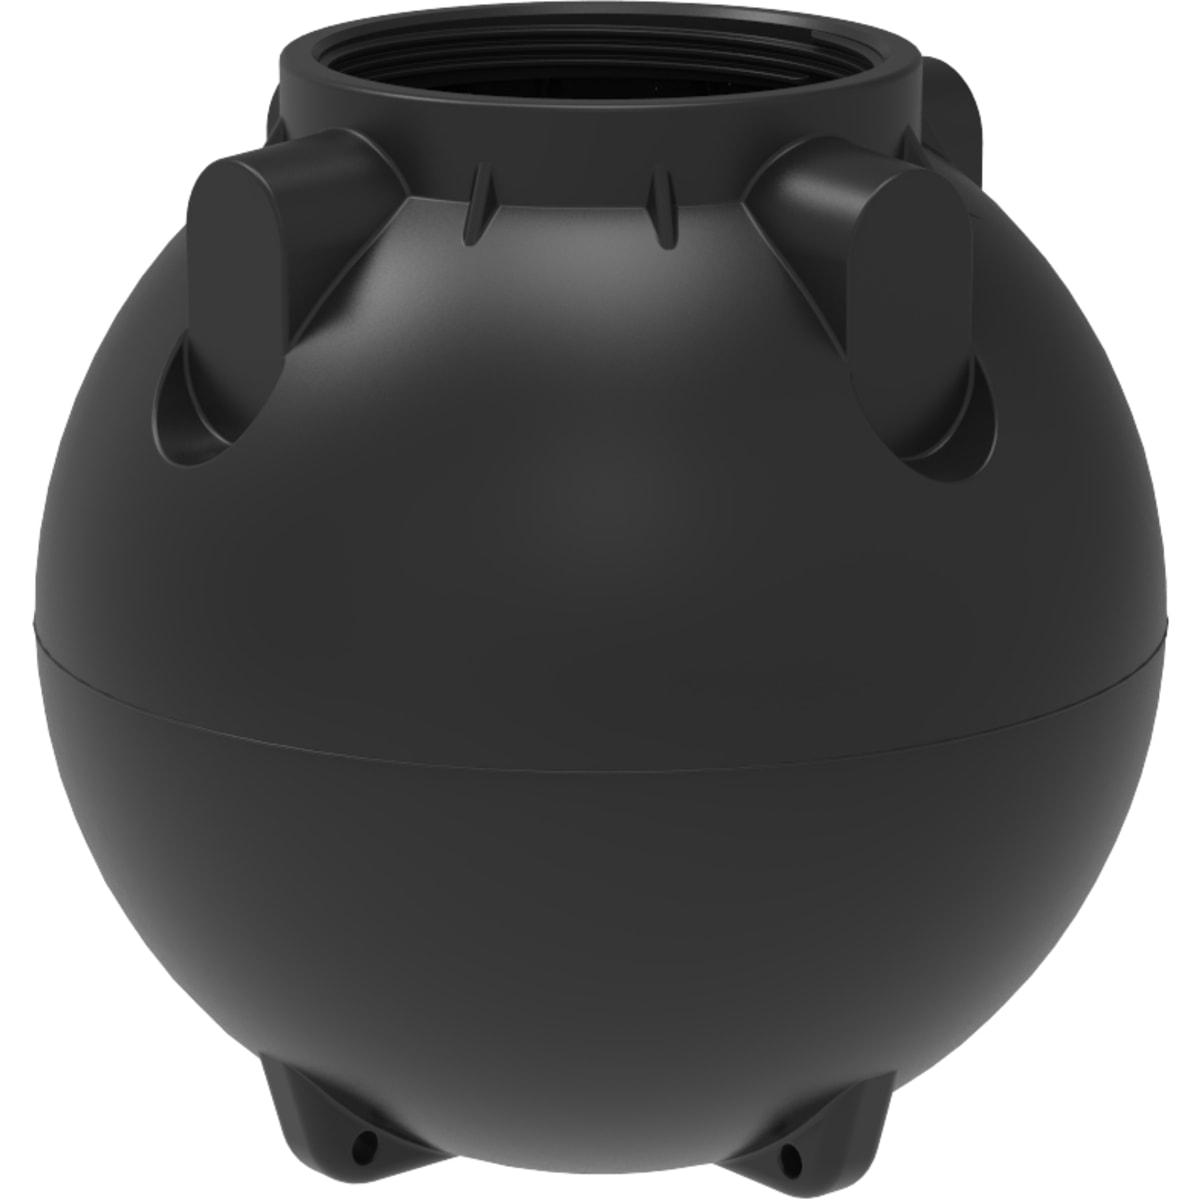 Септик накопительный Rodlex Tor 1500 литров без крышки